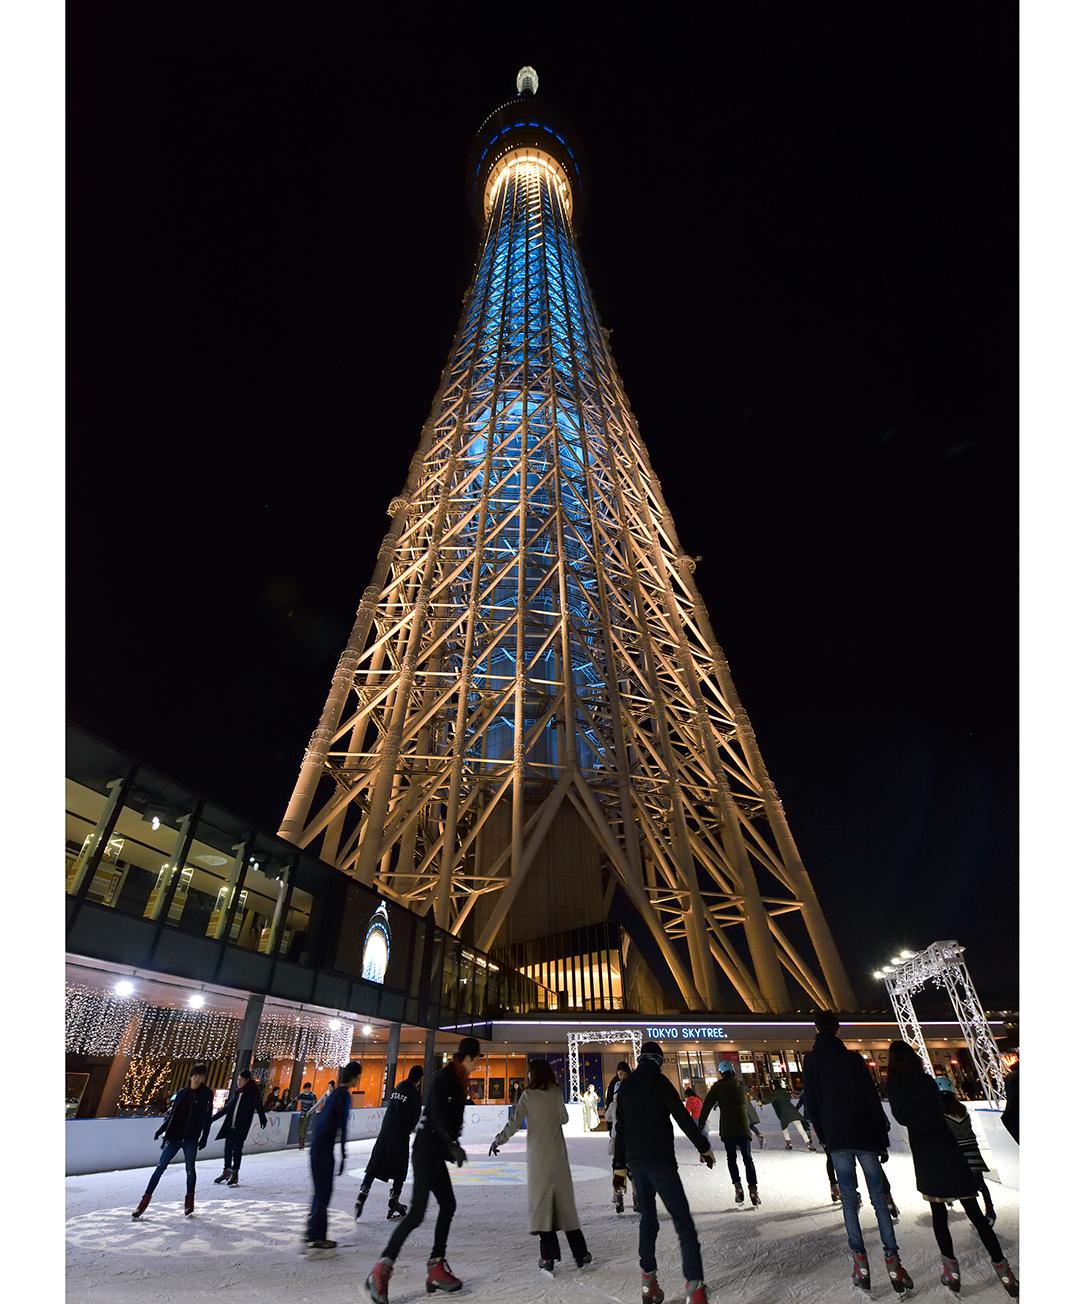 アイススケーティングパーク2018|東京スカイツリー